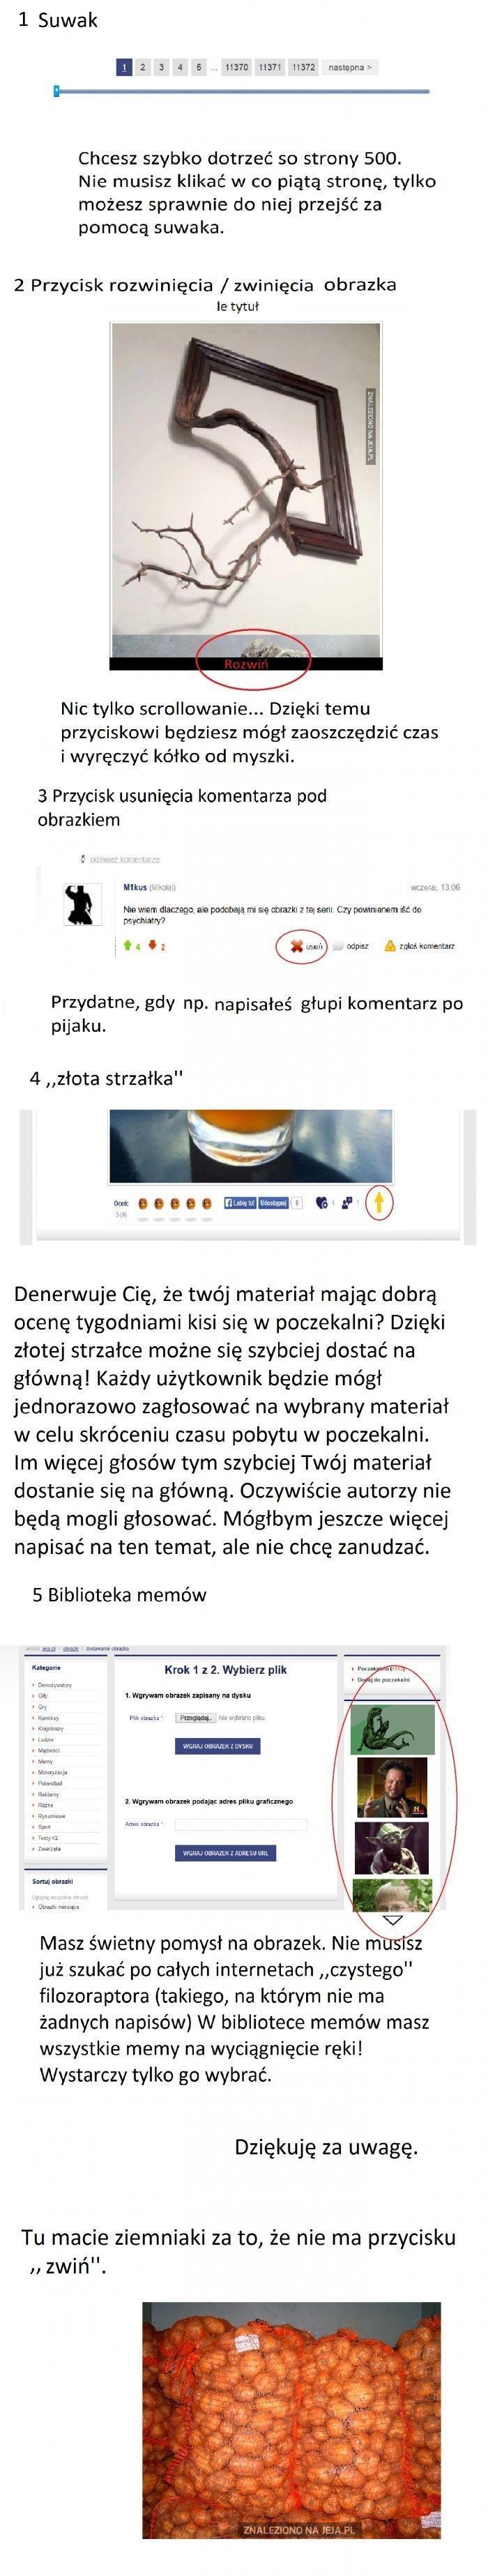 Pomysły na ułatwienie życia na Jeja.pl